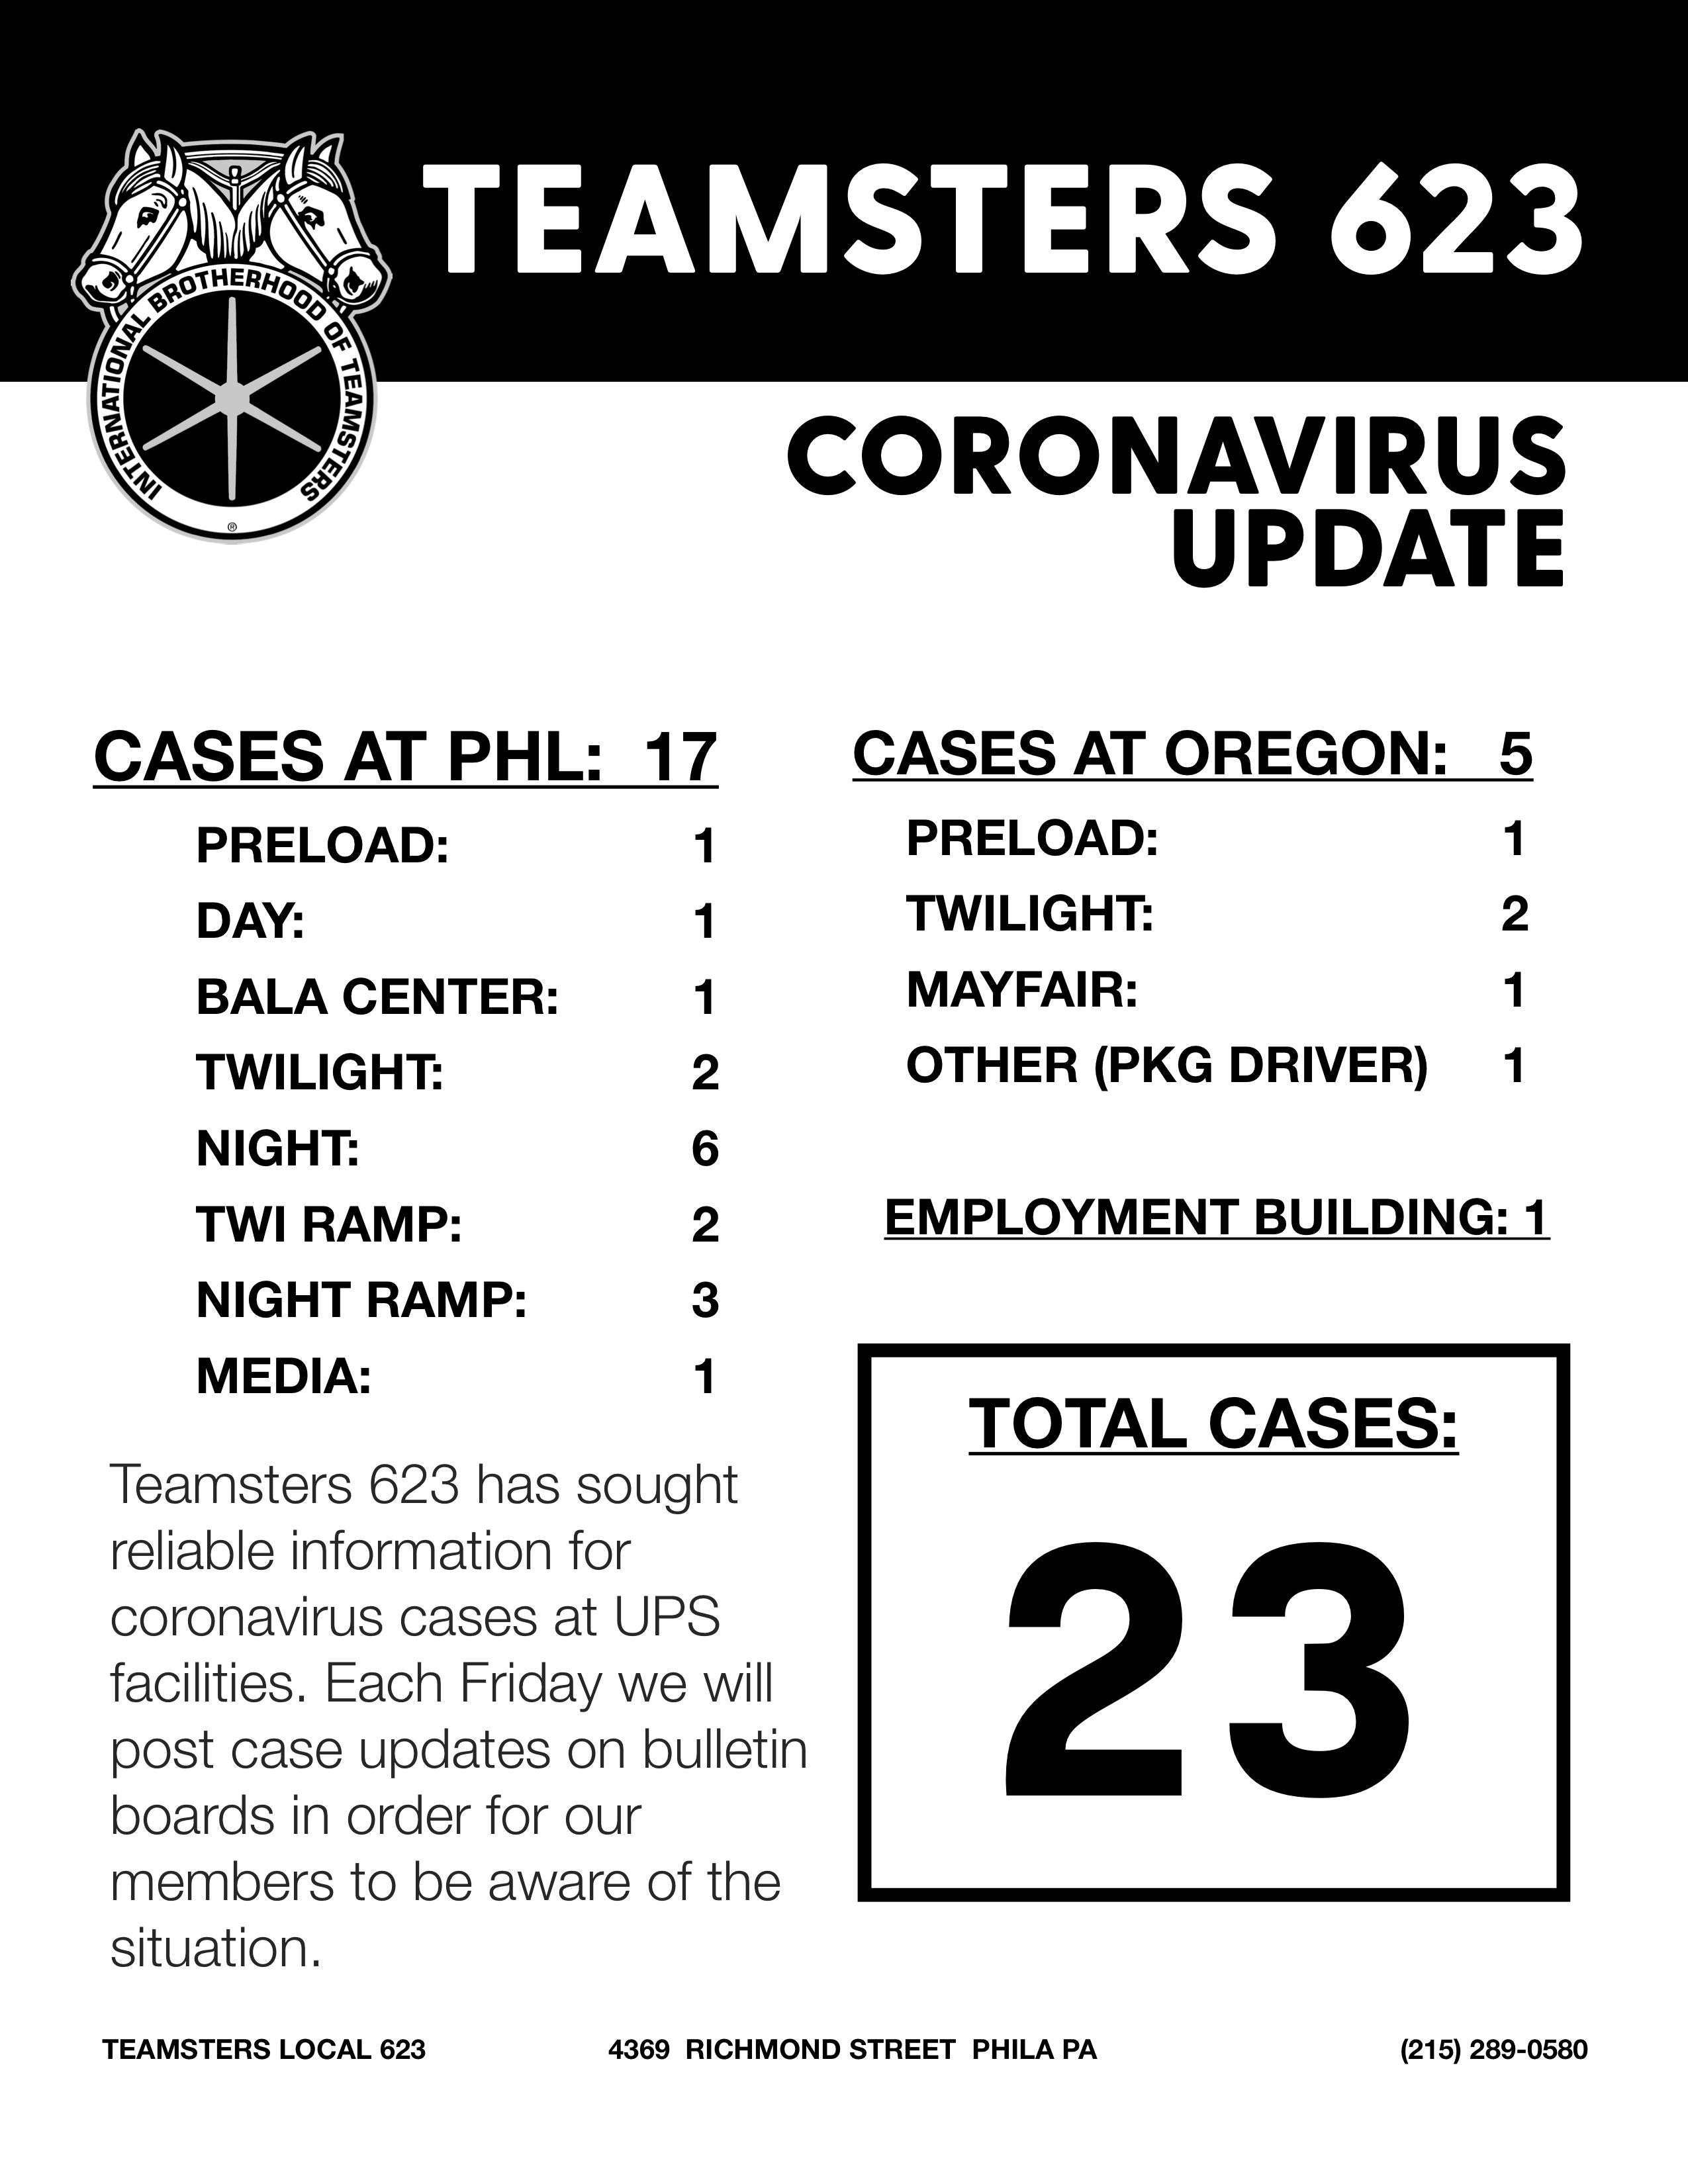 Teamsters_Corona_Update.png